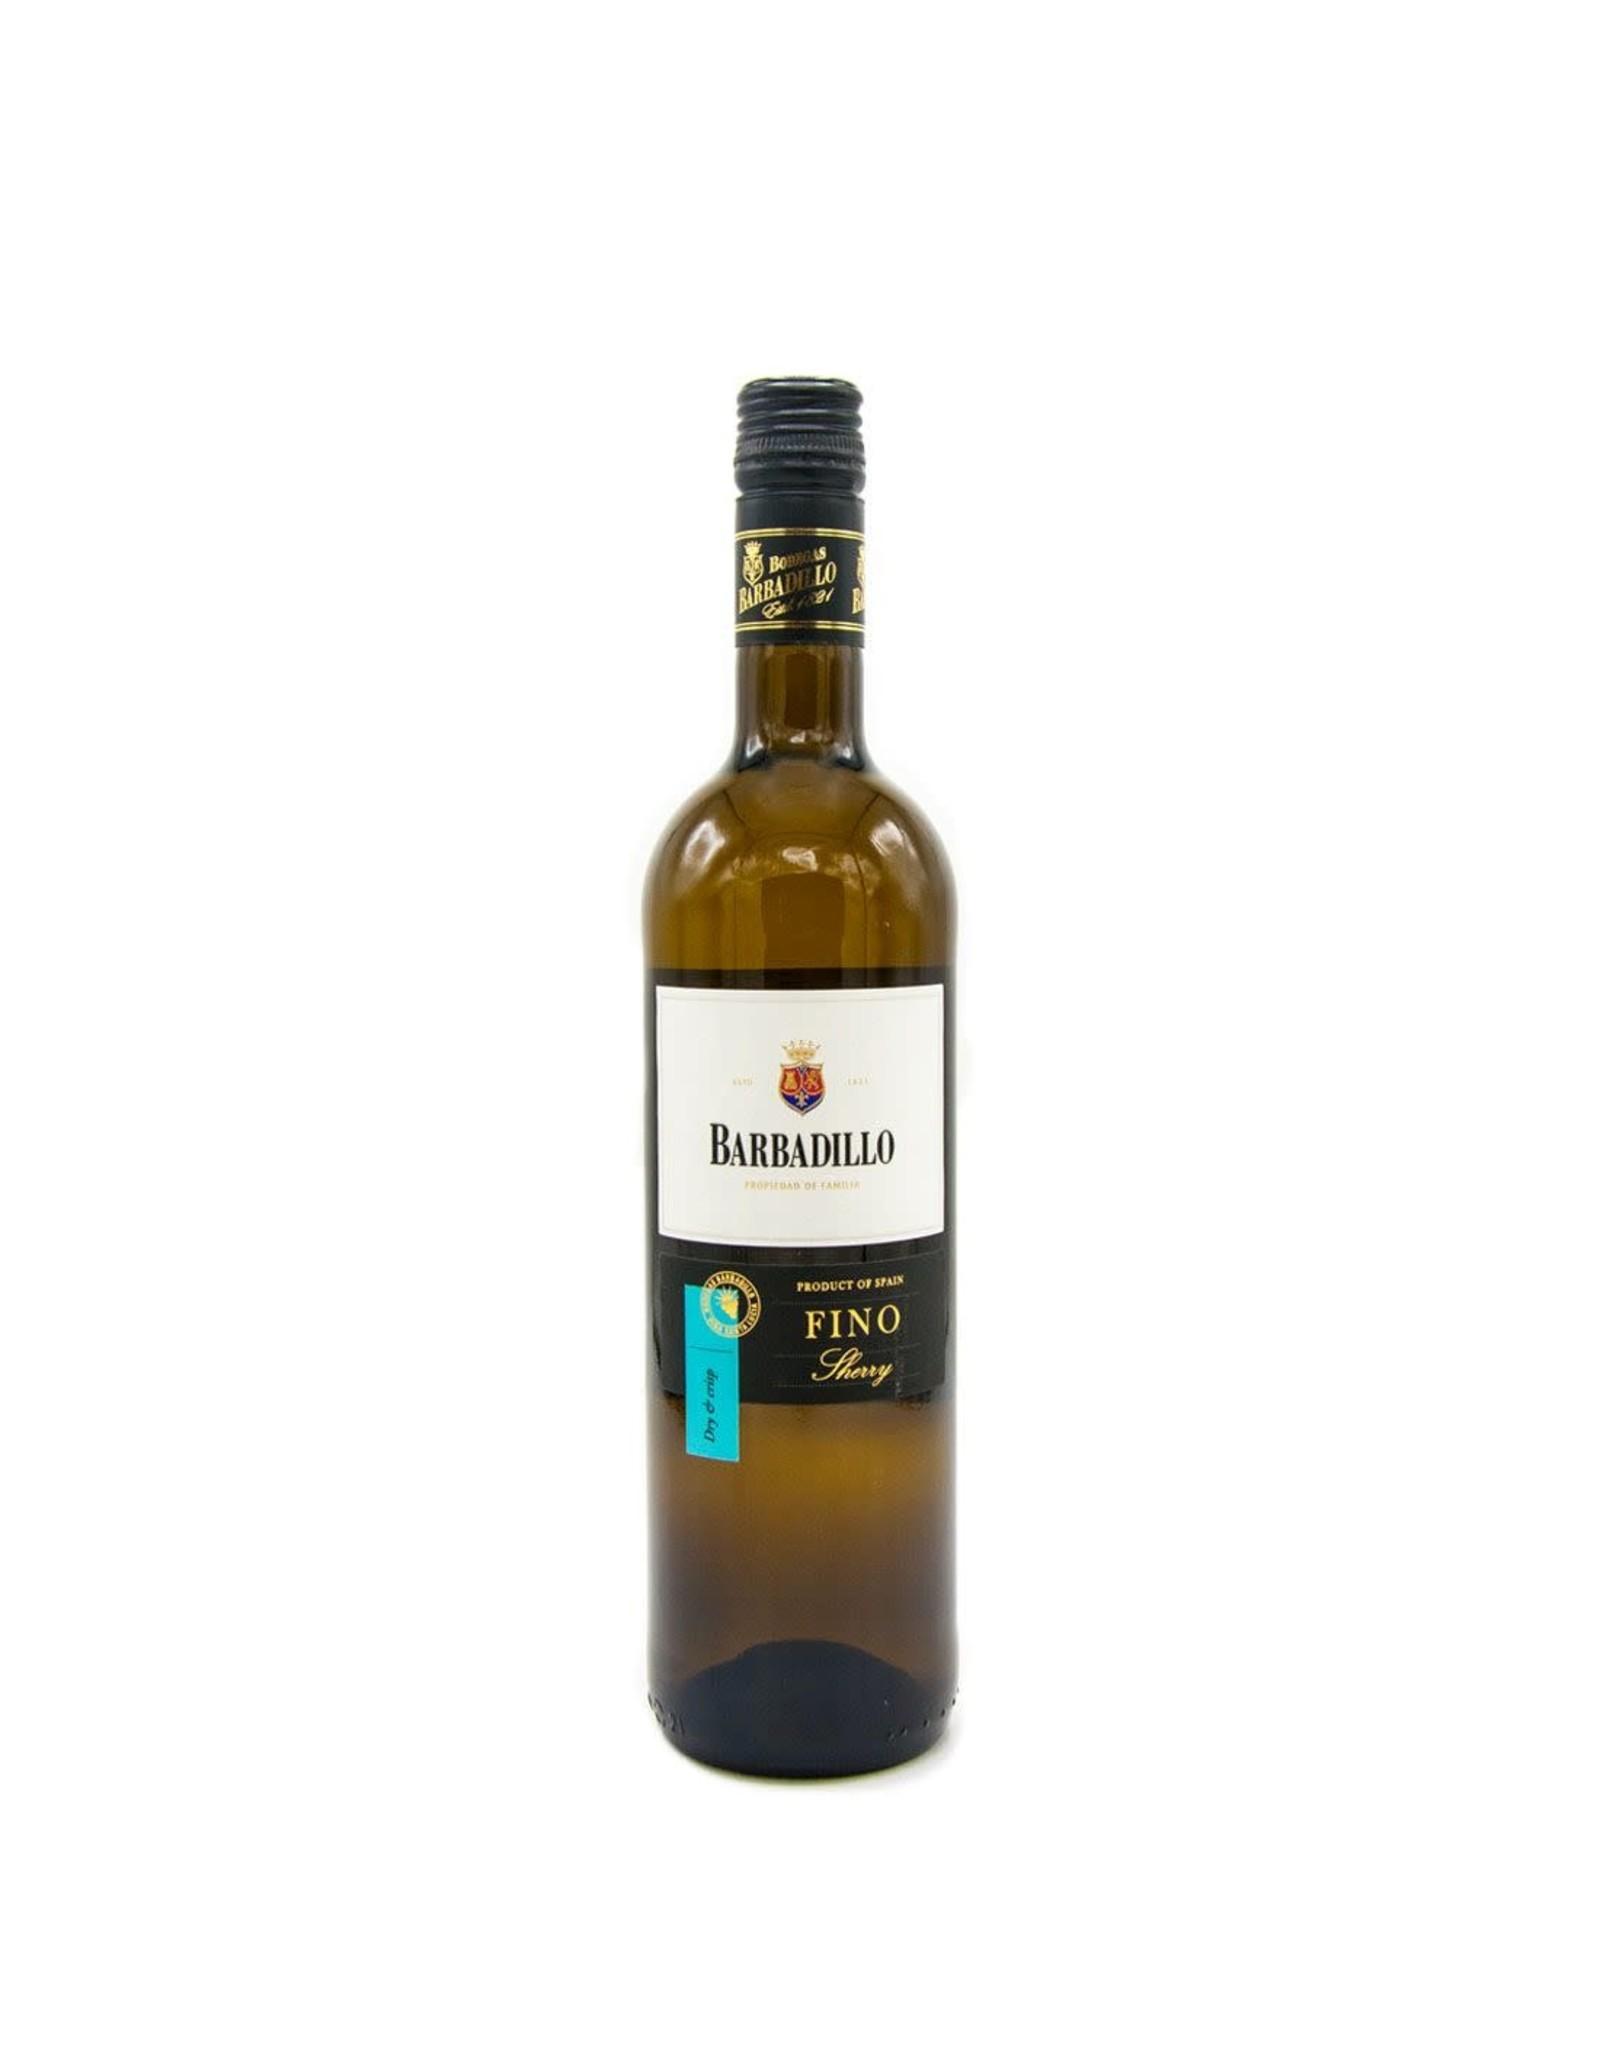 Spain Barbadillo Fino Dry Sherry